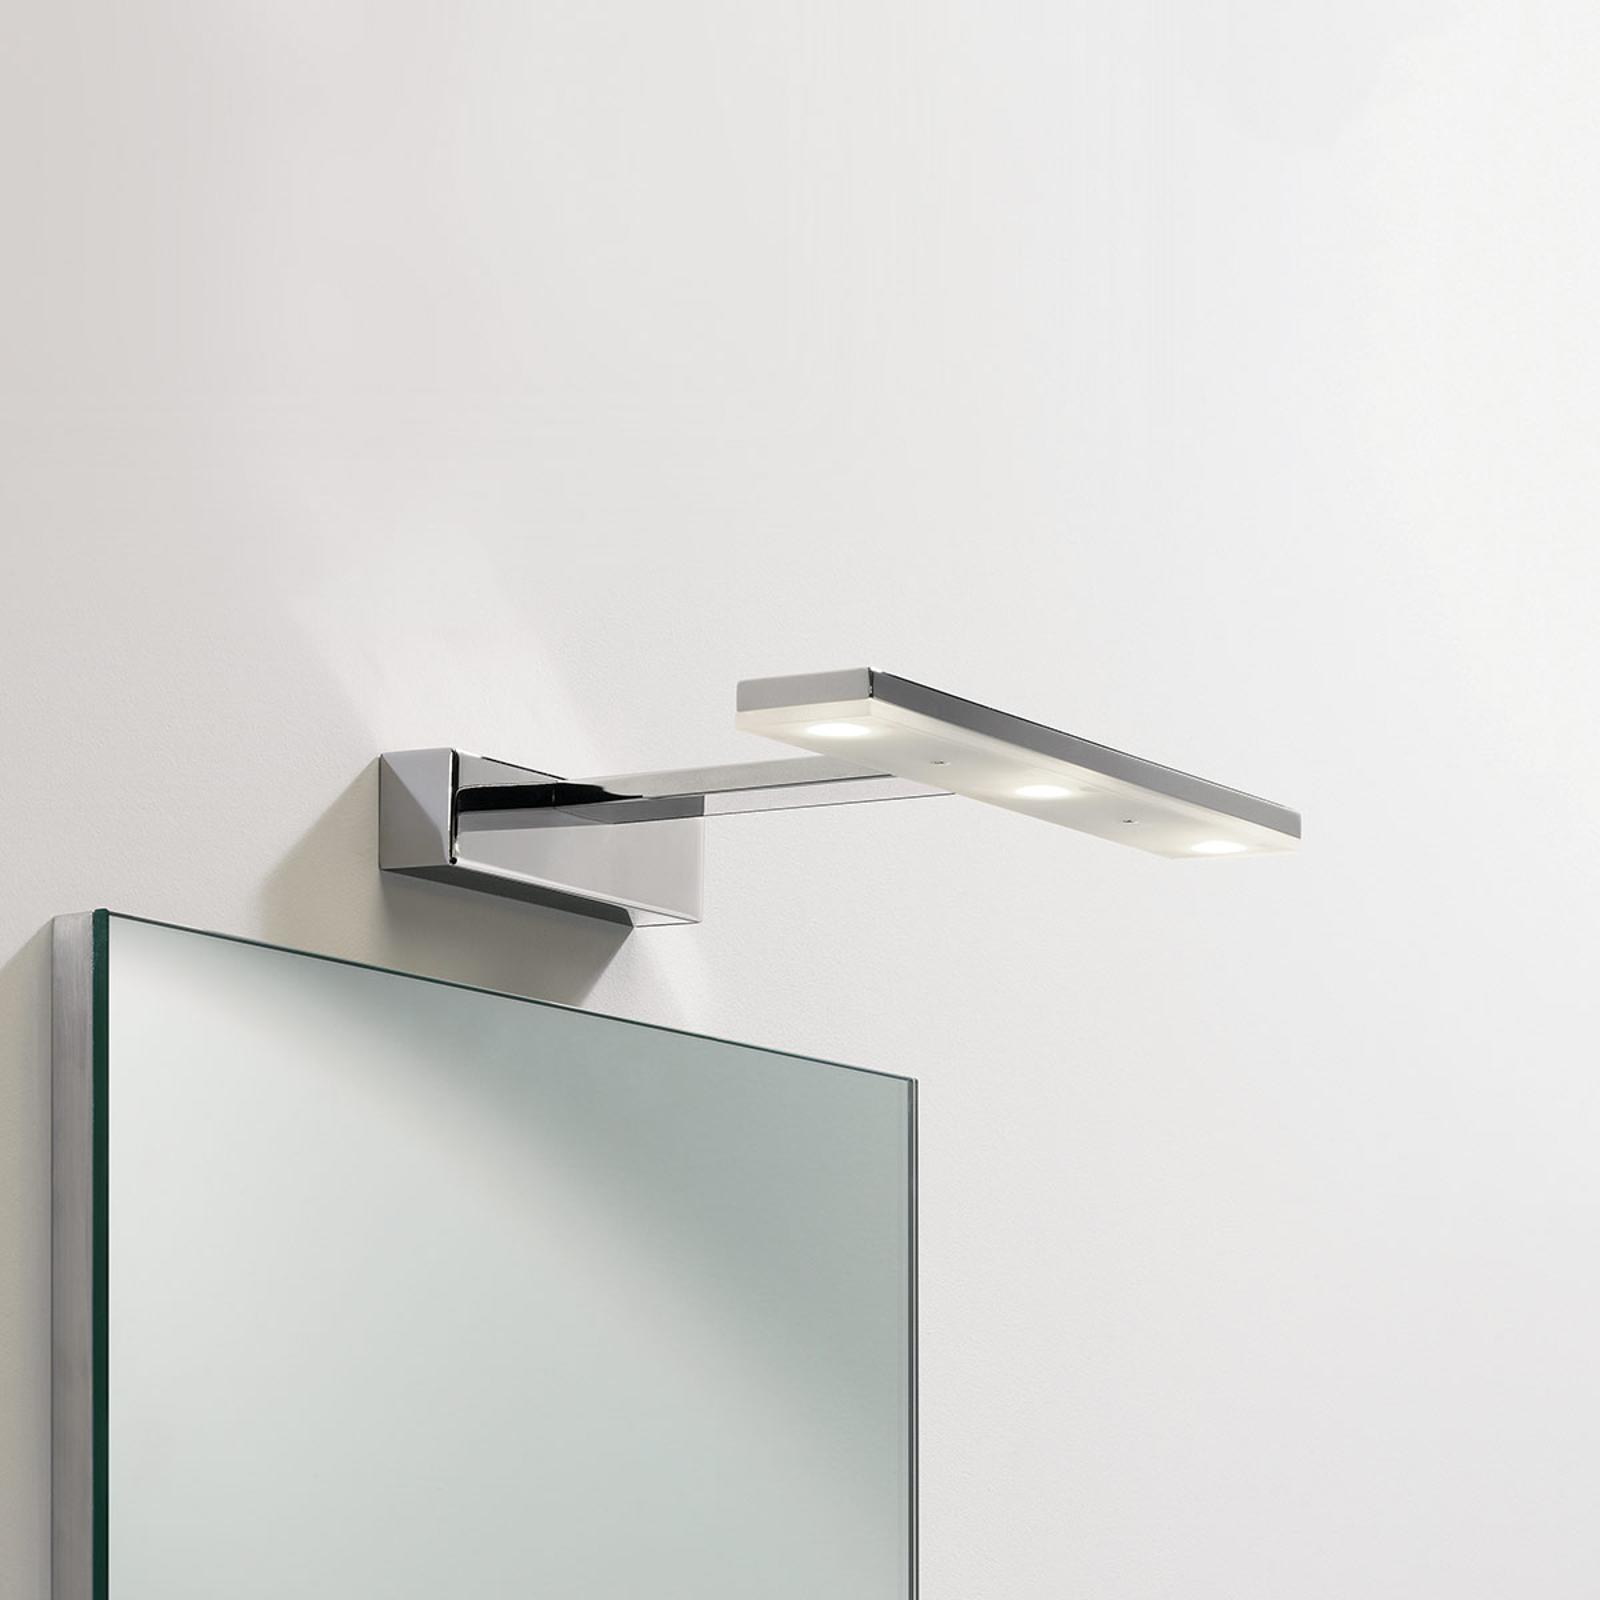 Innovativa applique LED ZIP